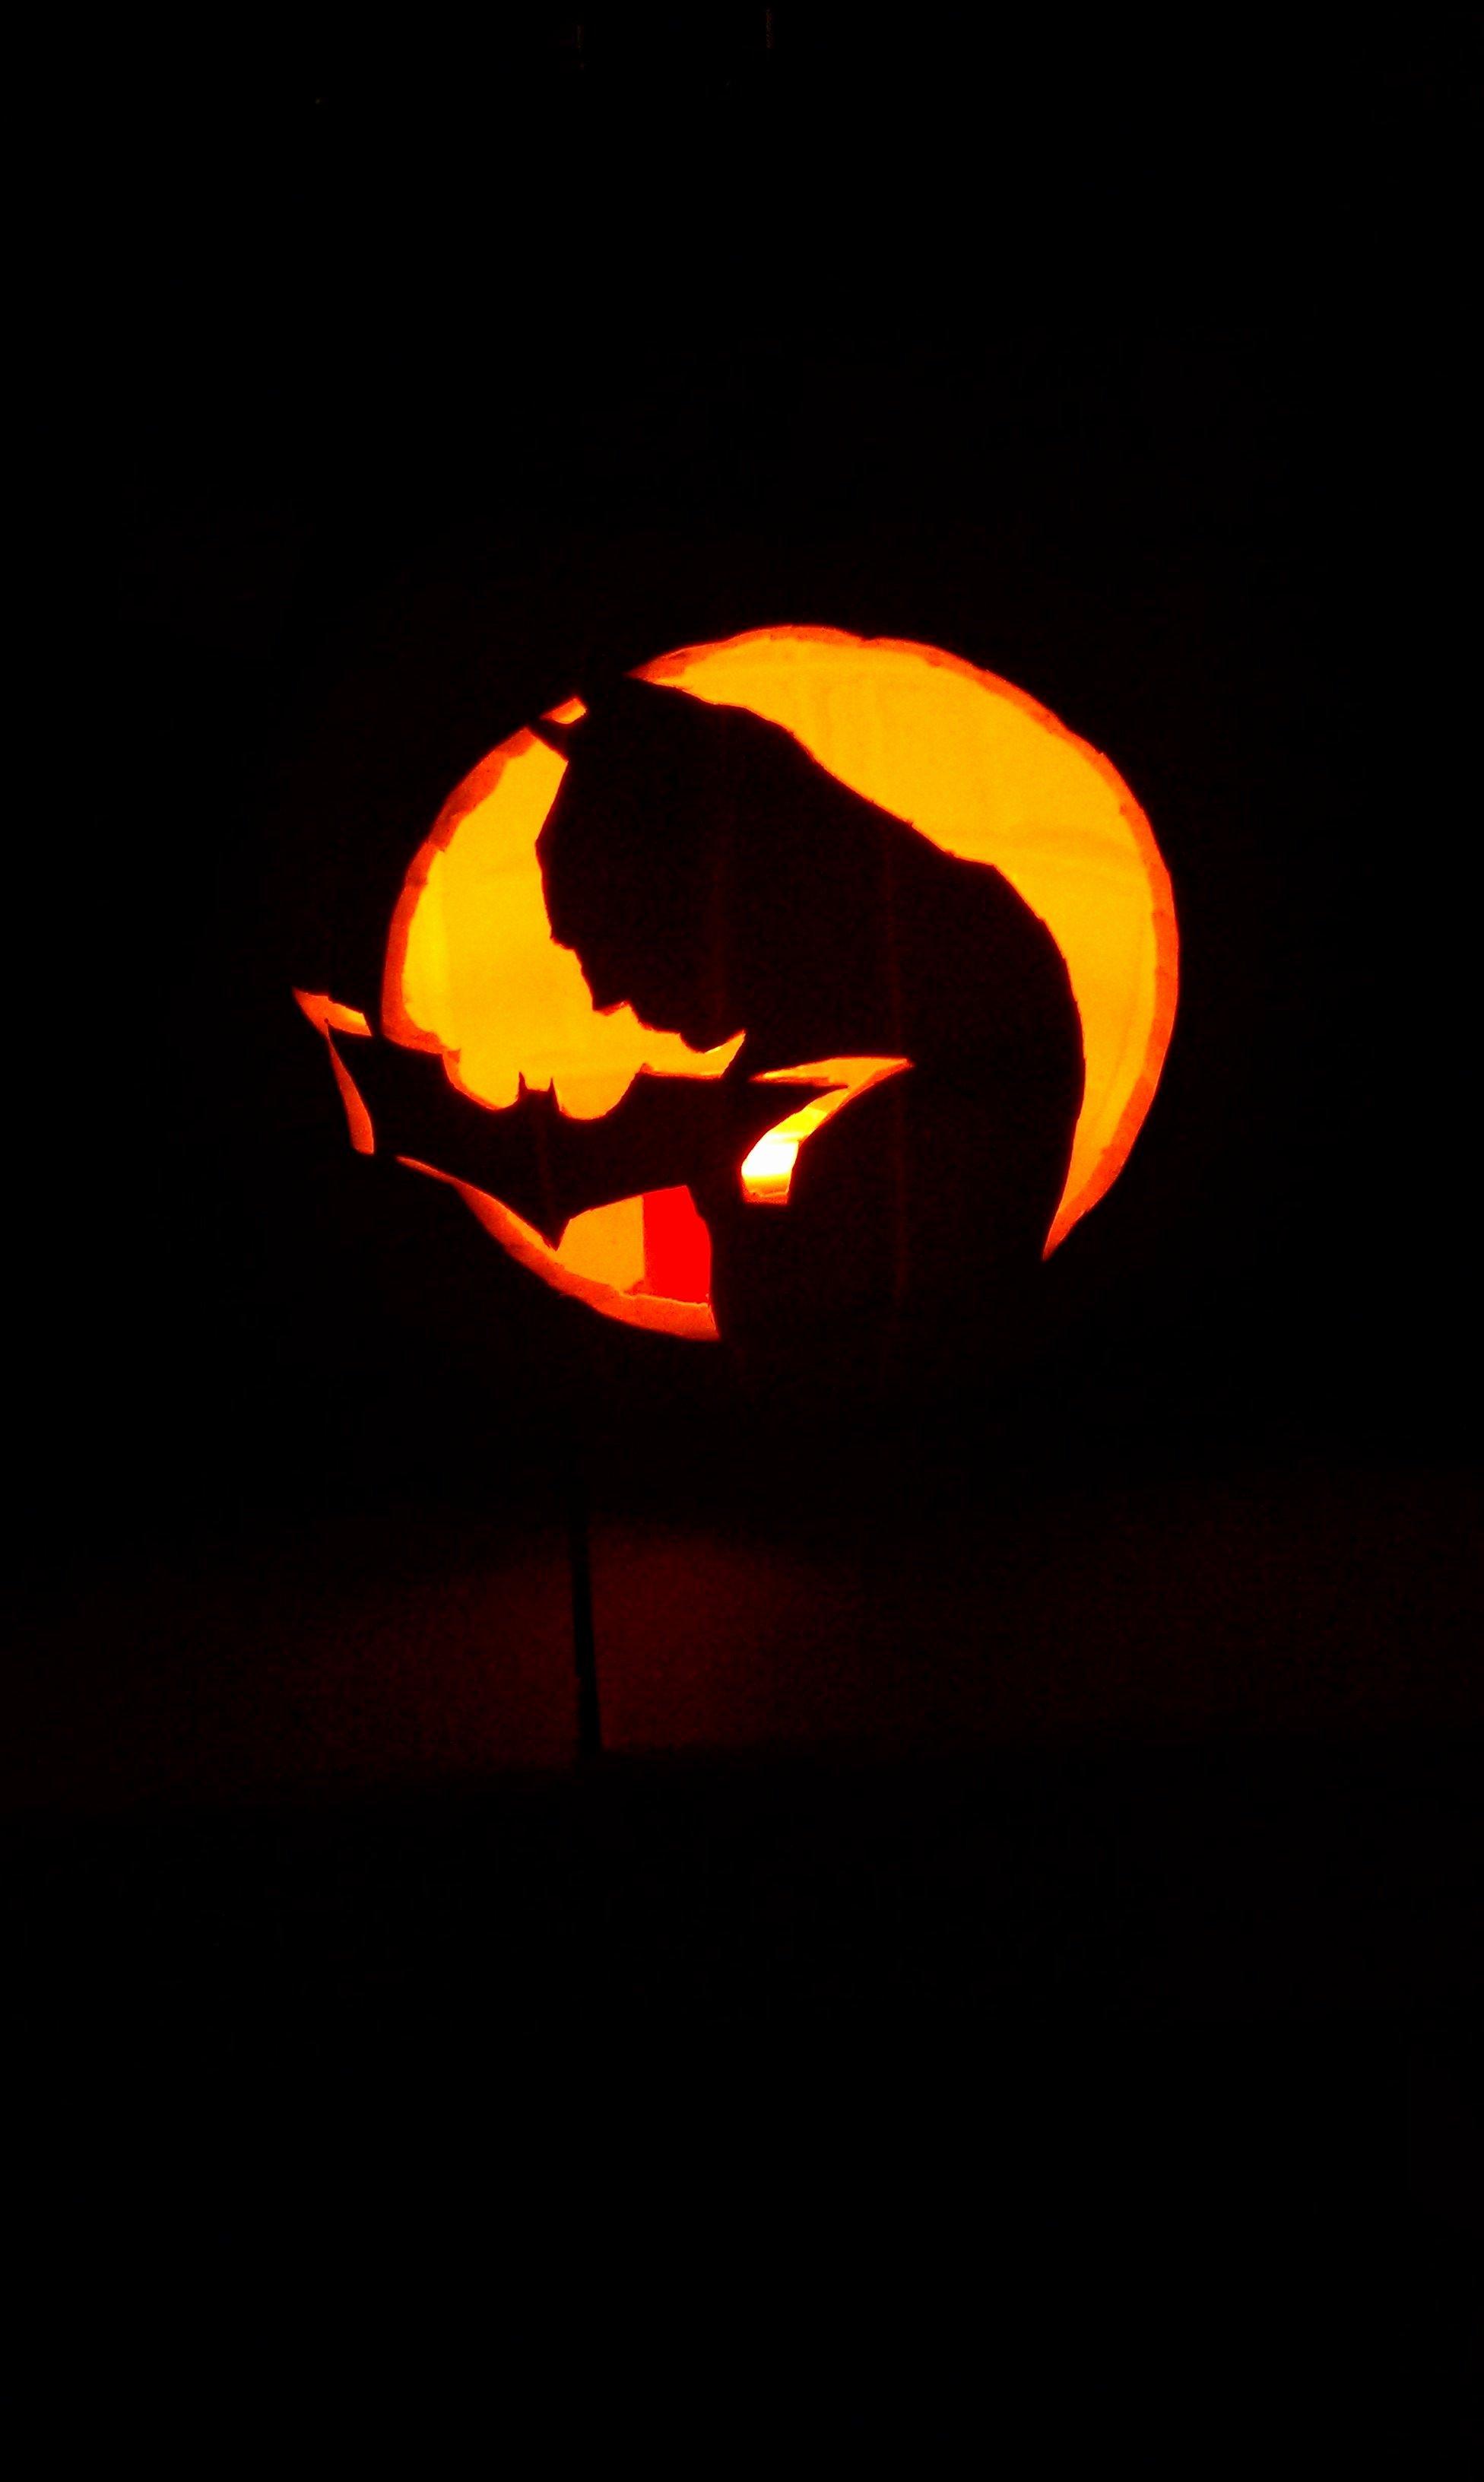 Joker Pumpkin Carving Patterns Beautiful $20 00 Batman Pumpkin Carved Foam Pumpkins